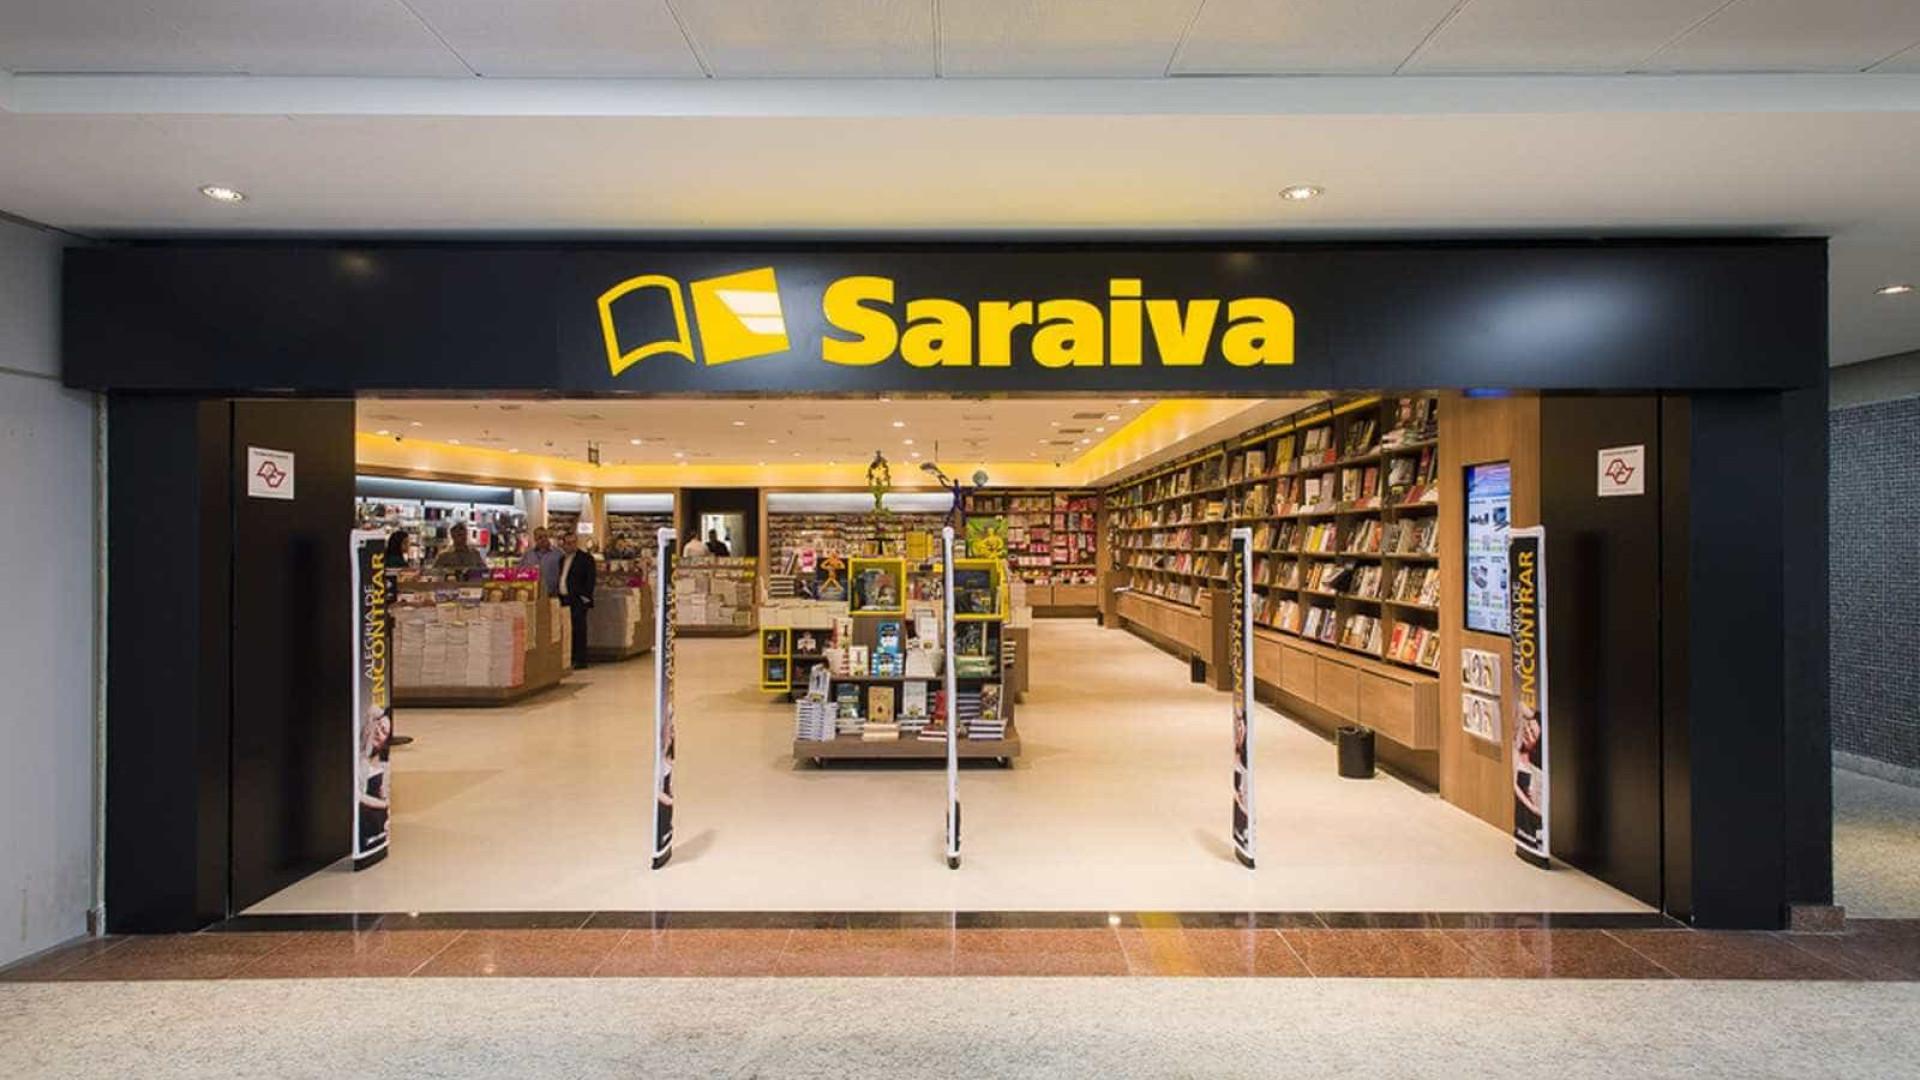 Saraiva deve devolver metade de seu estoque a editoras, decide Justiça